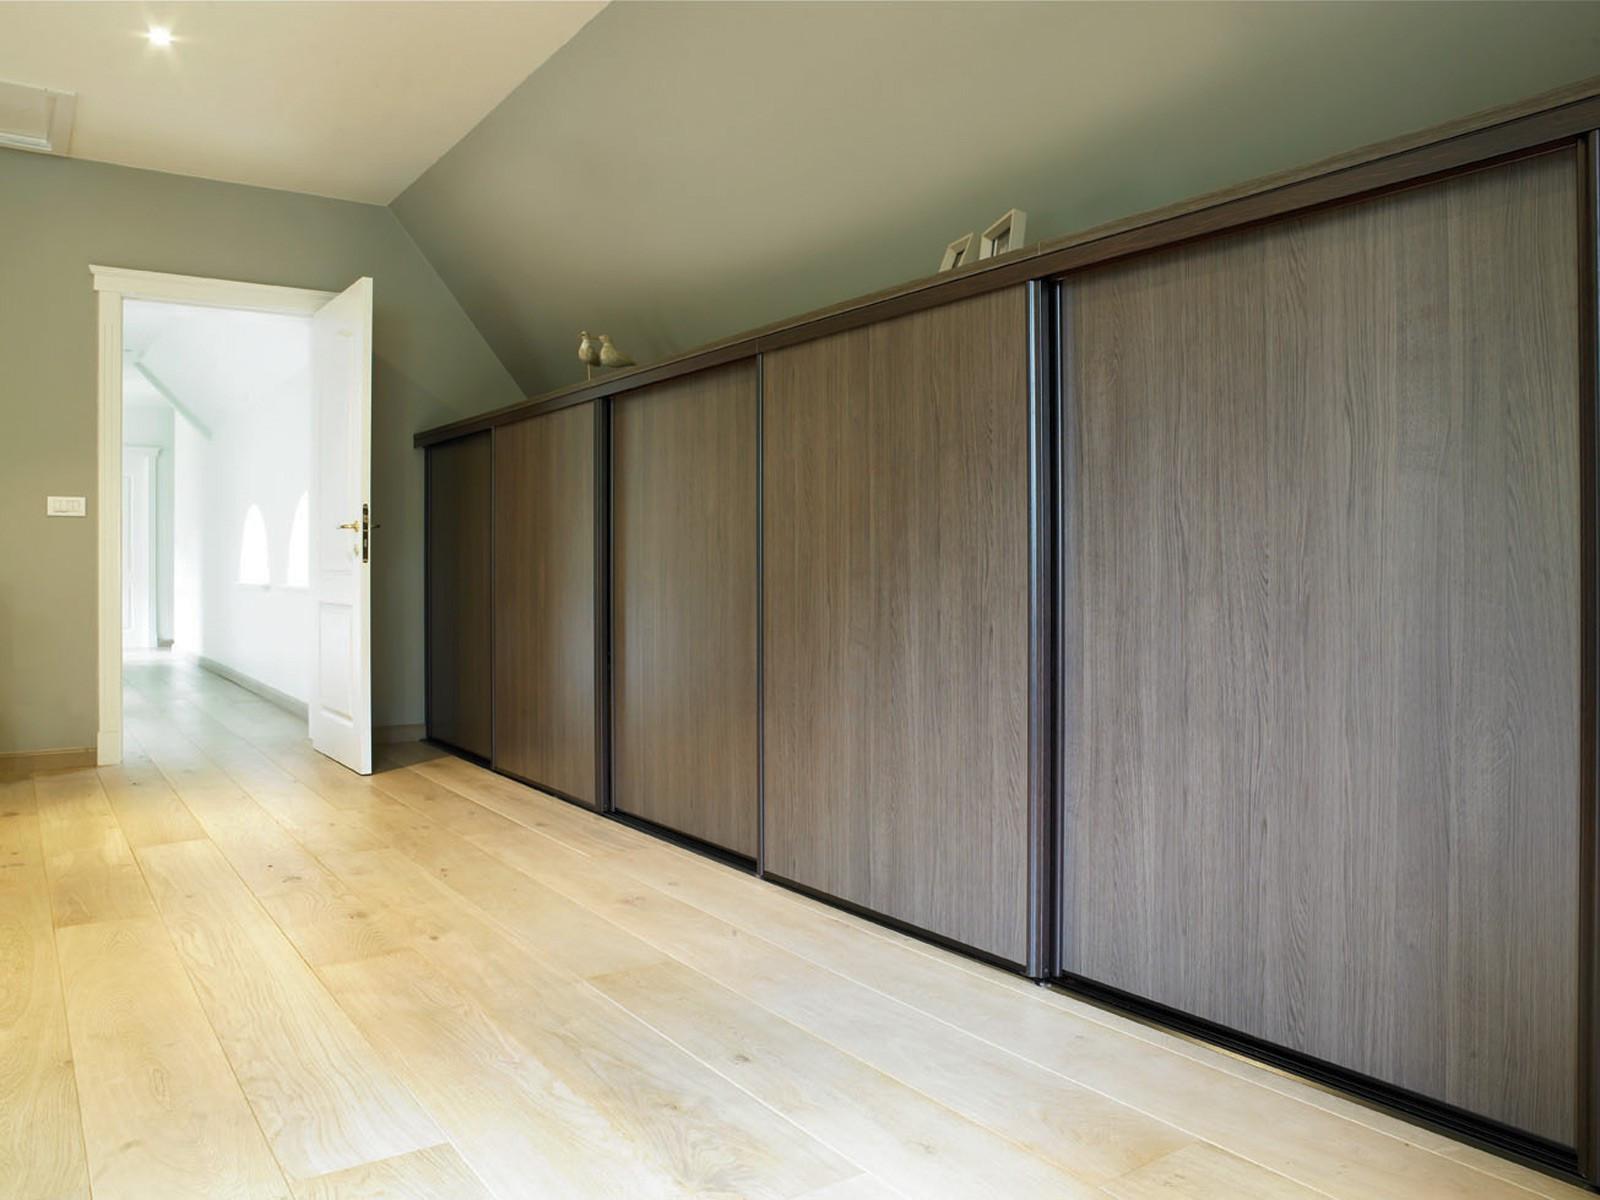 Moderne witte keuken met houten - Moderne kledingkast ...